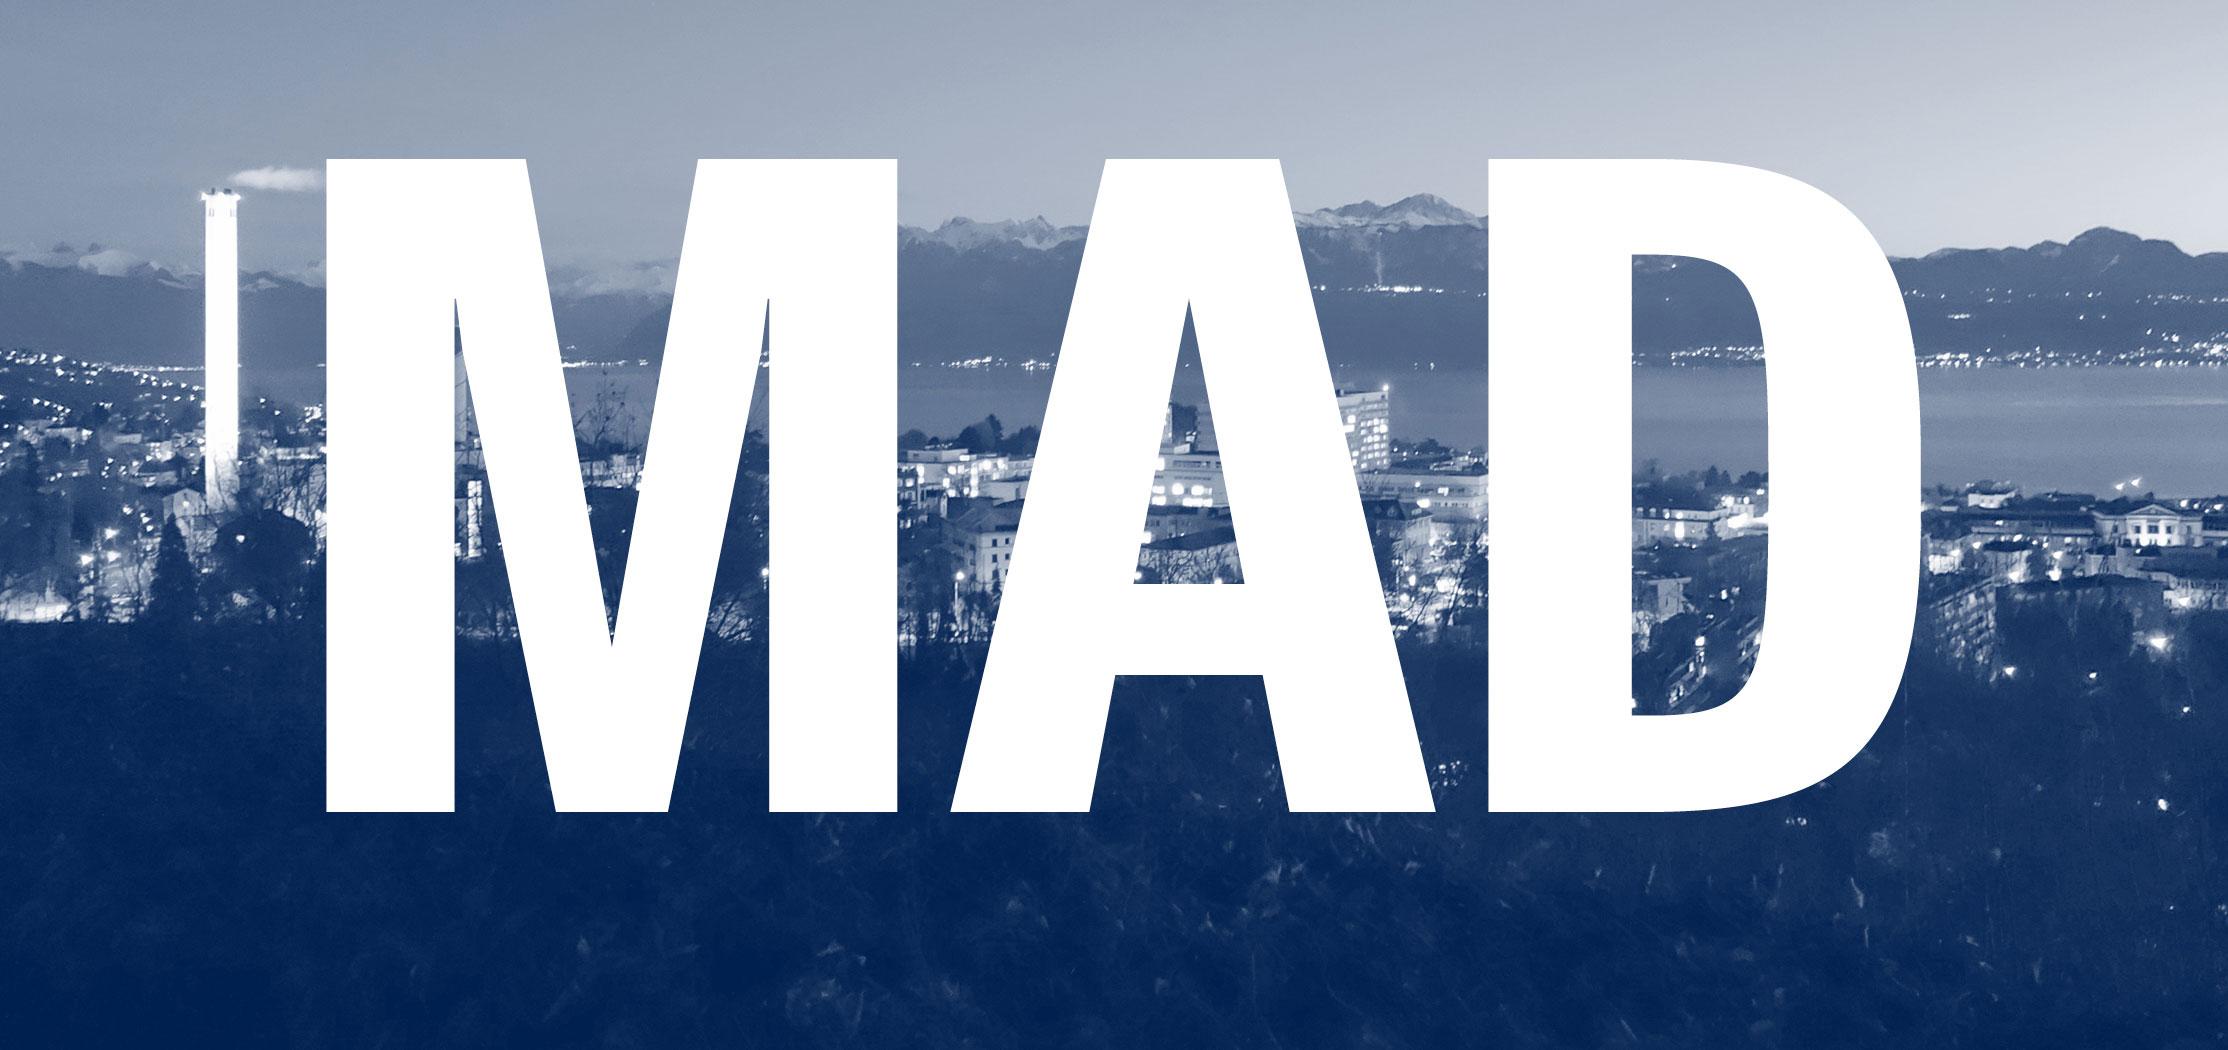 Suisse - Swiss Typefaces